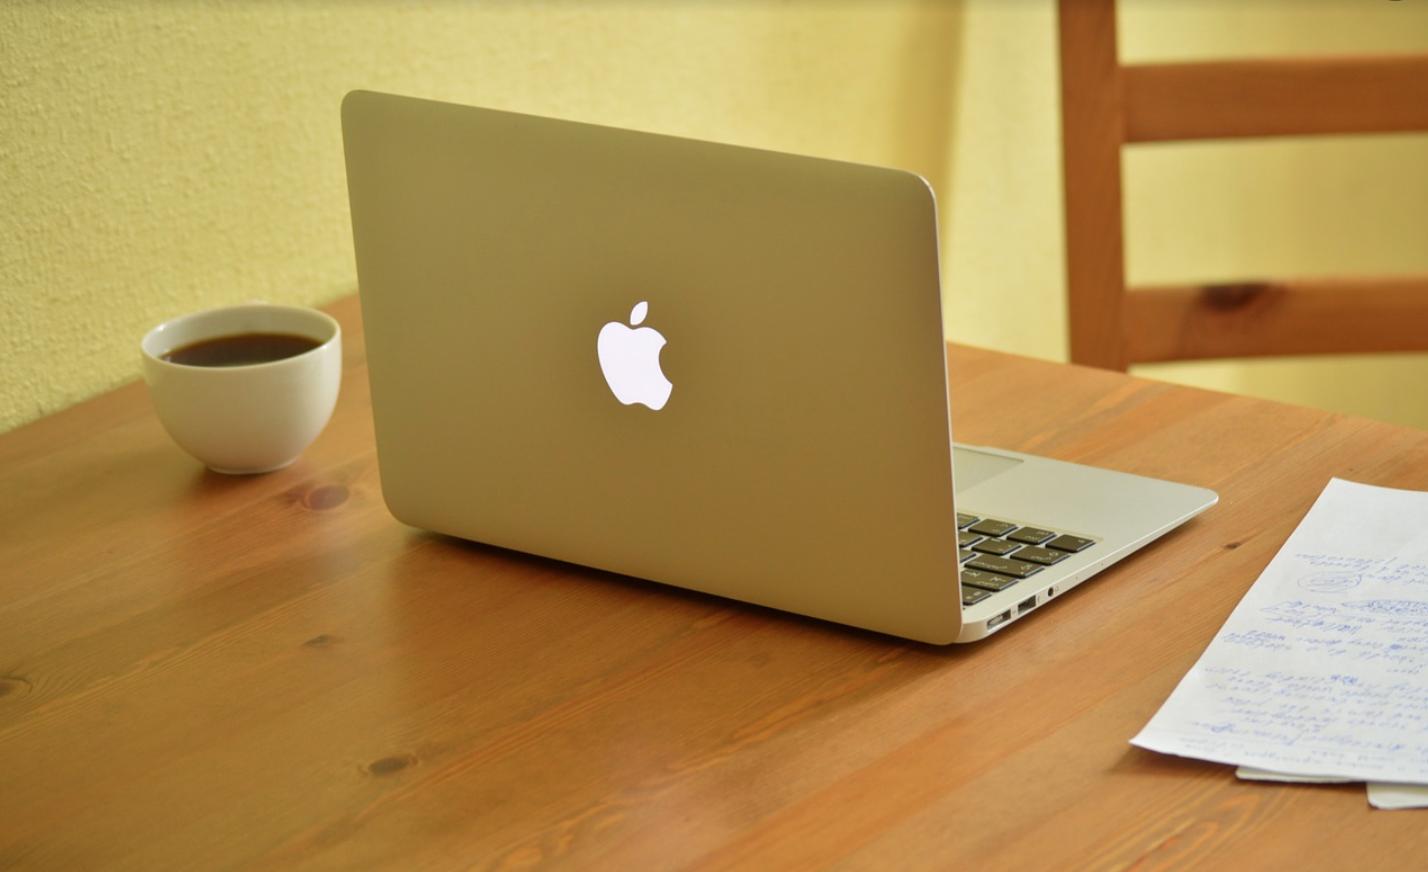 拖延症患者的福利!这个工具让你迅速搞定文献论文翻译!